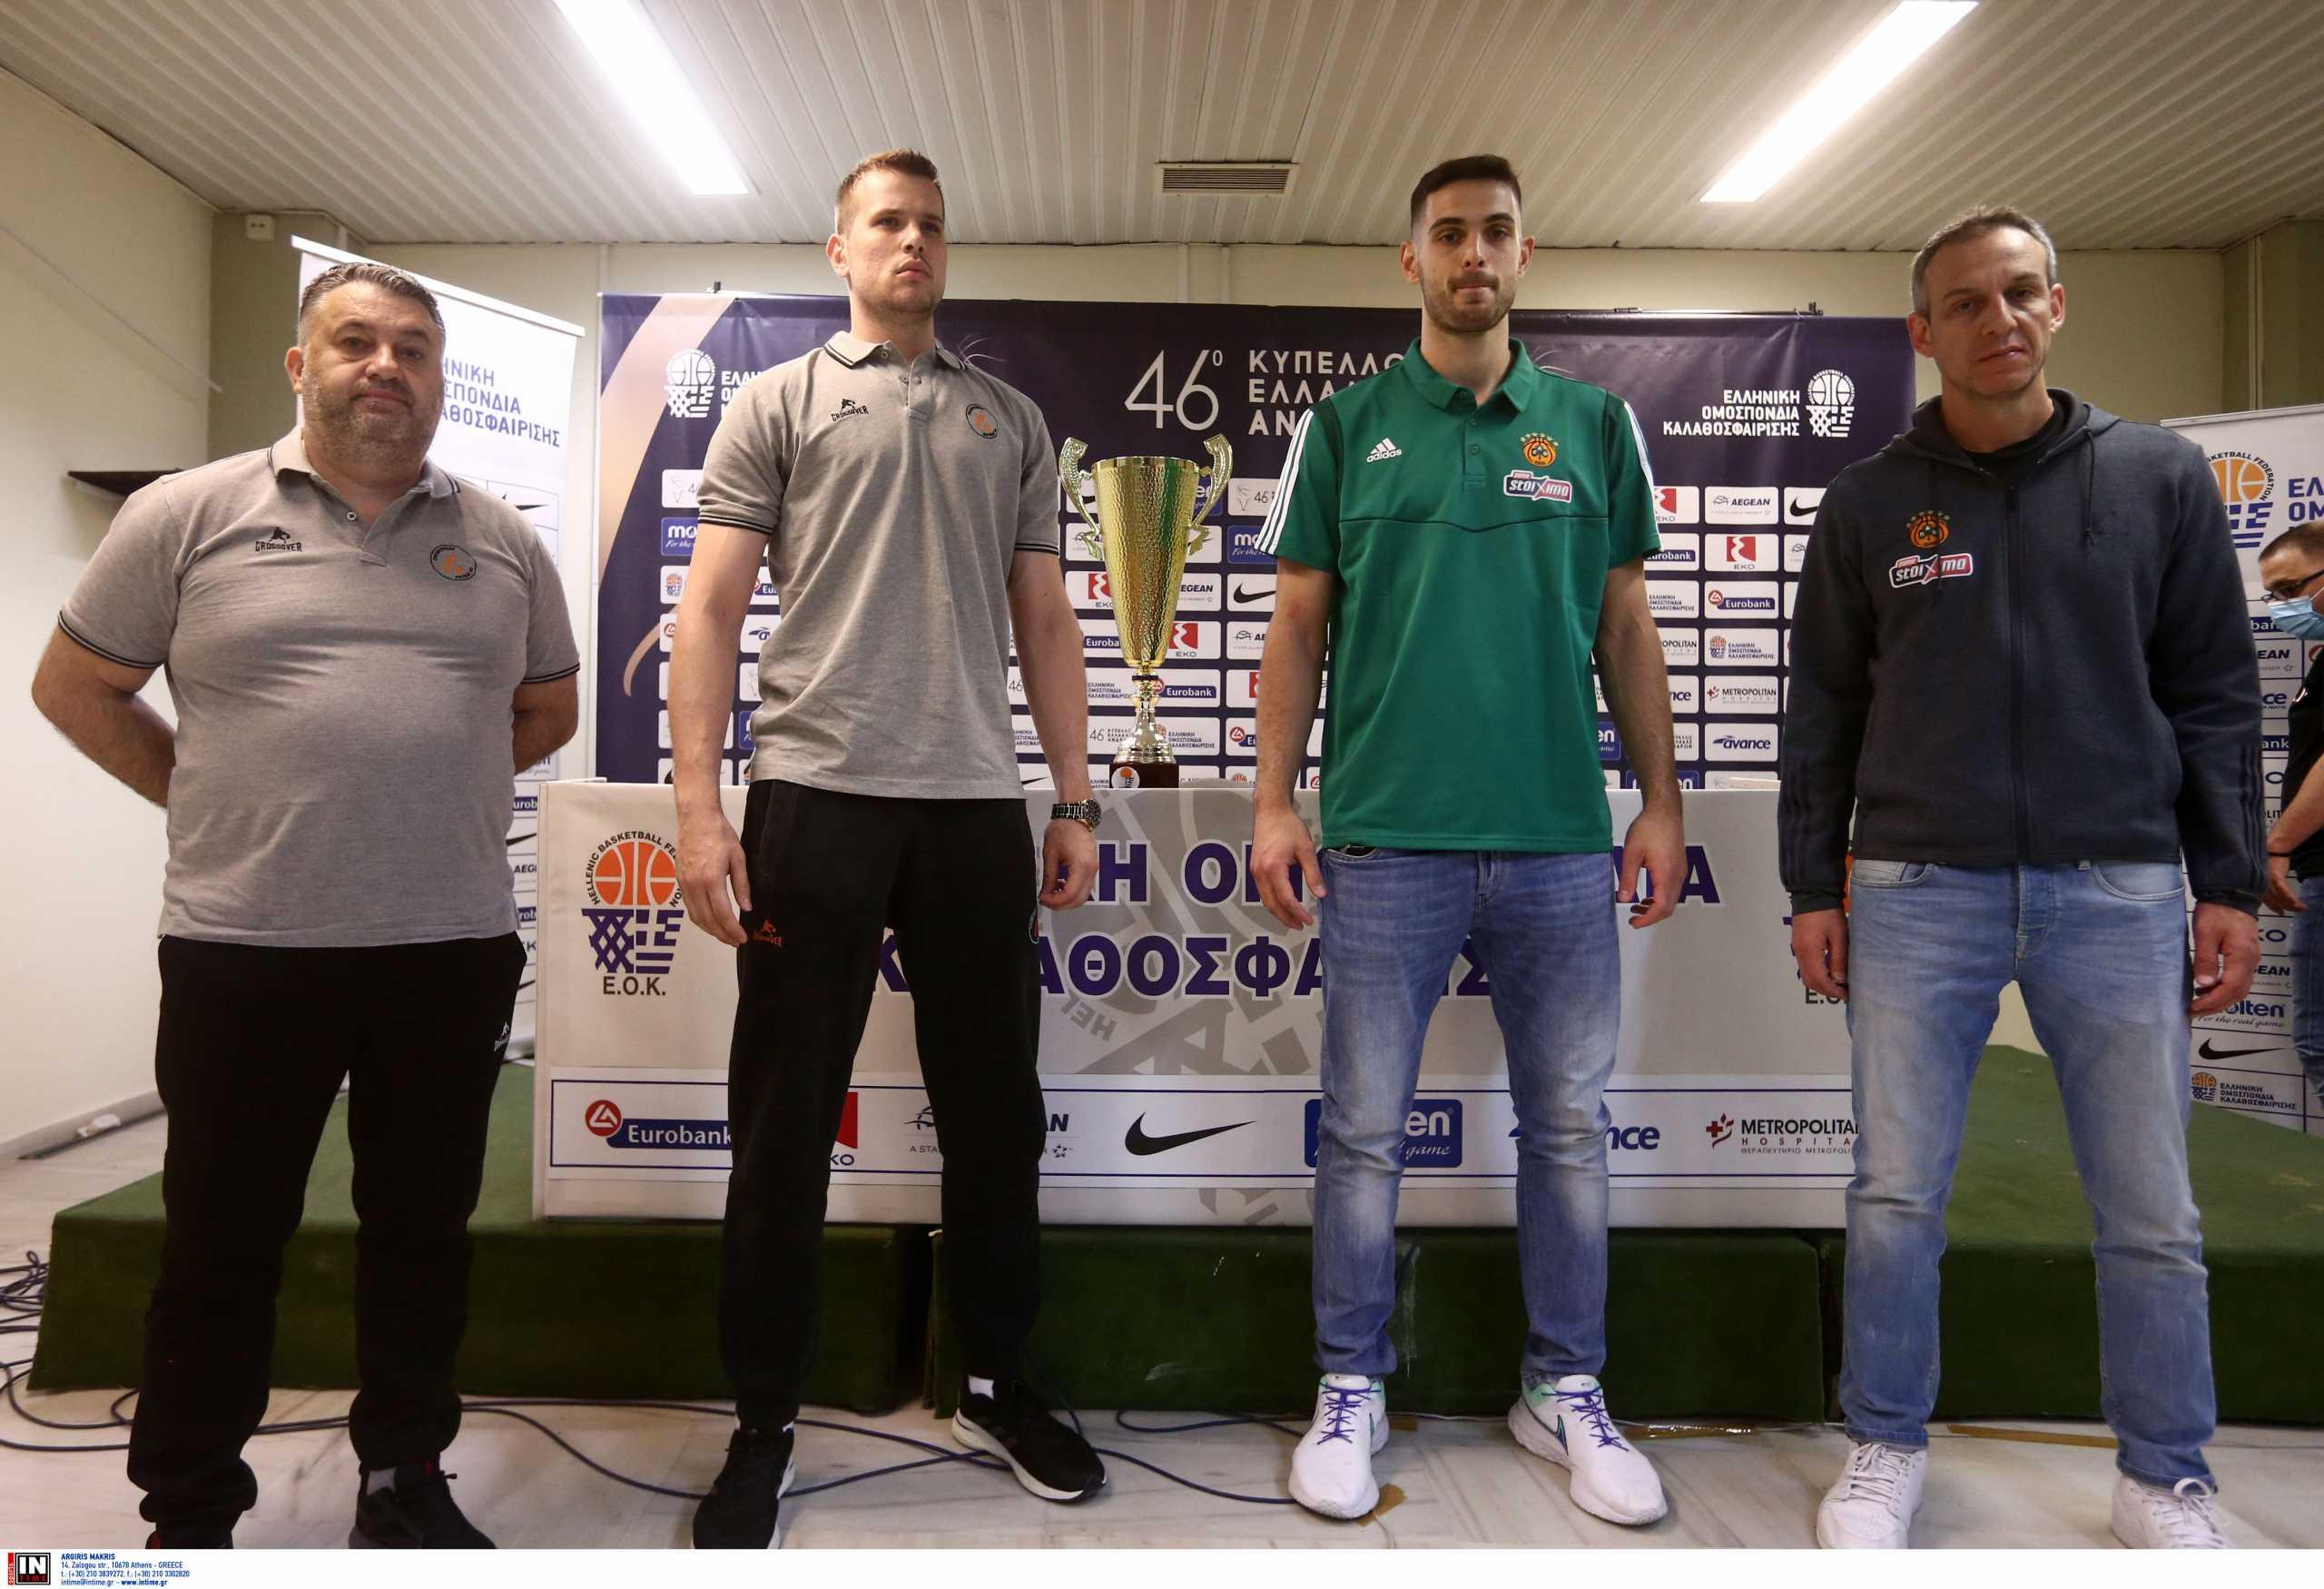 Κύπελλο Ελλάδας: Οι δηλώσεις προπονητών και αρχηγών πριν τον τελικό